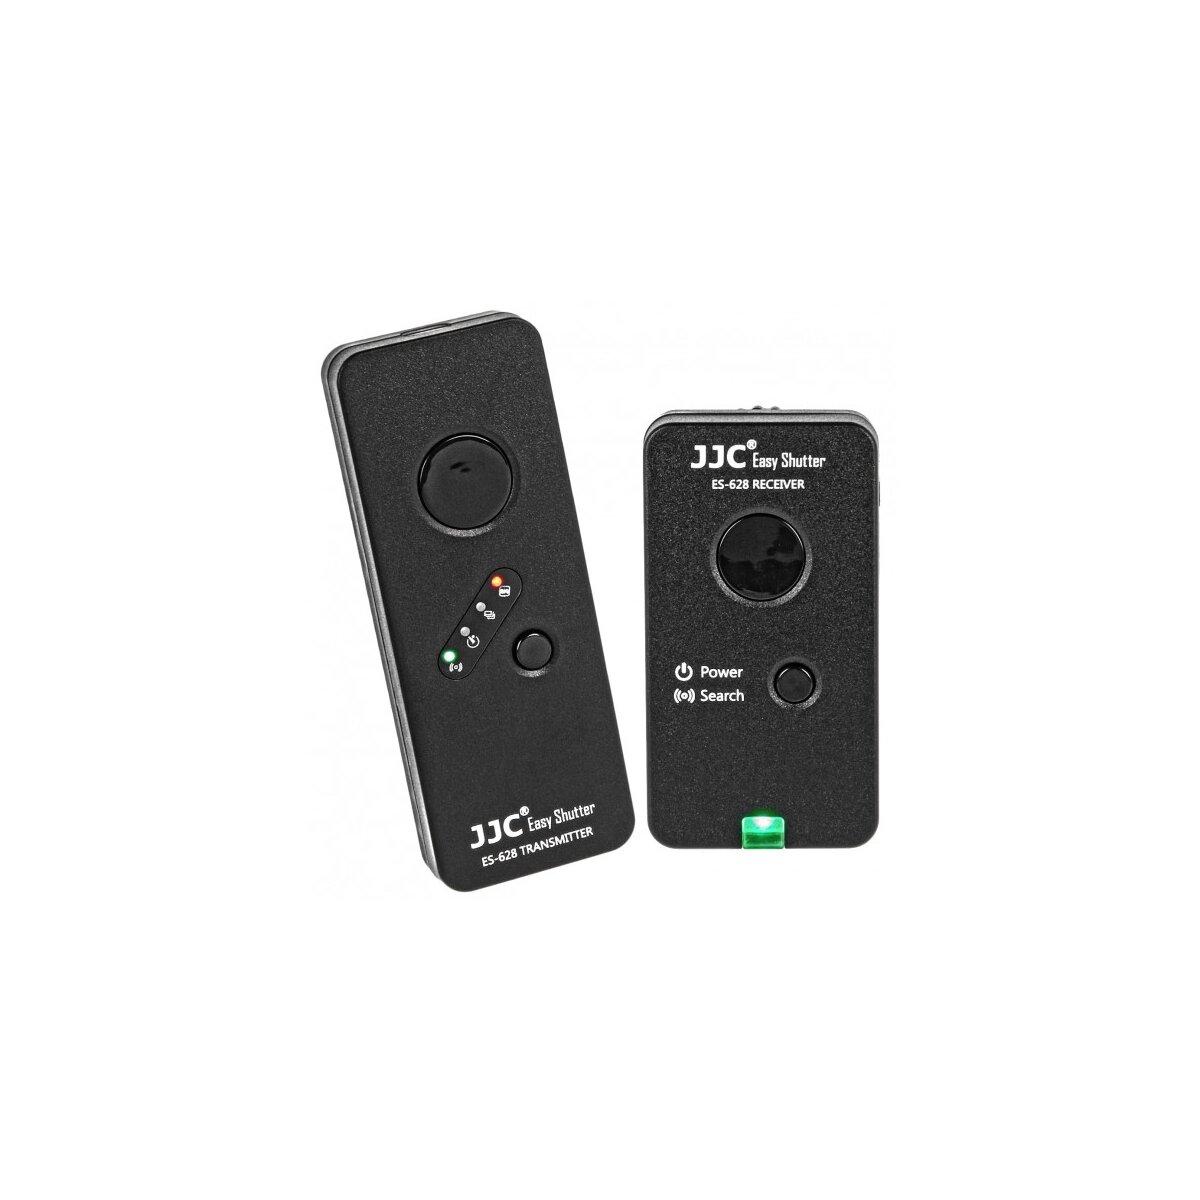 Kamera Funkauslöser Fernauslöser Funkfernauslöser kompatibel mit Nikon D3100, D3200, D3300, D5100, D5200, D5300, D90, D7000, D7100, D7200, D600, D610, D750 uvm